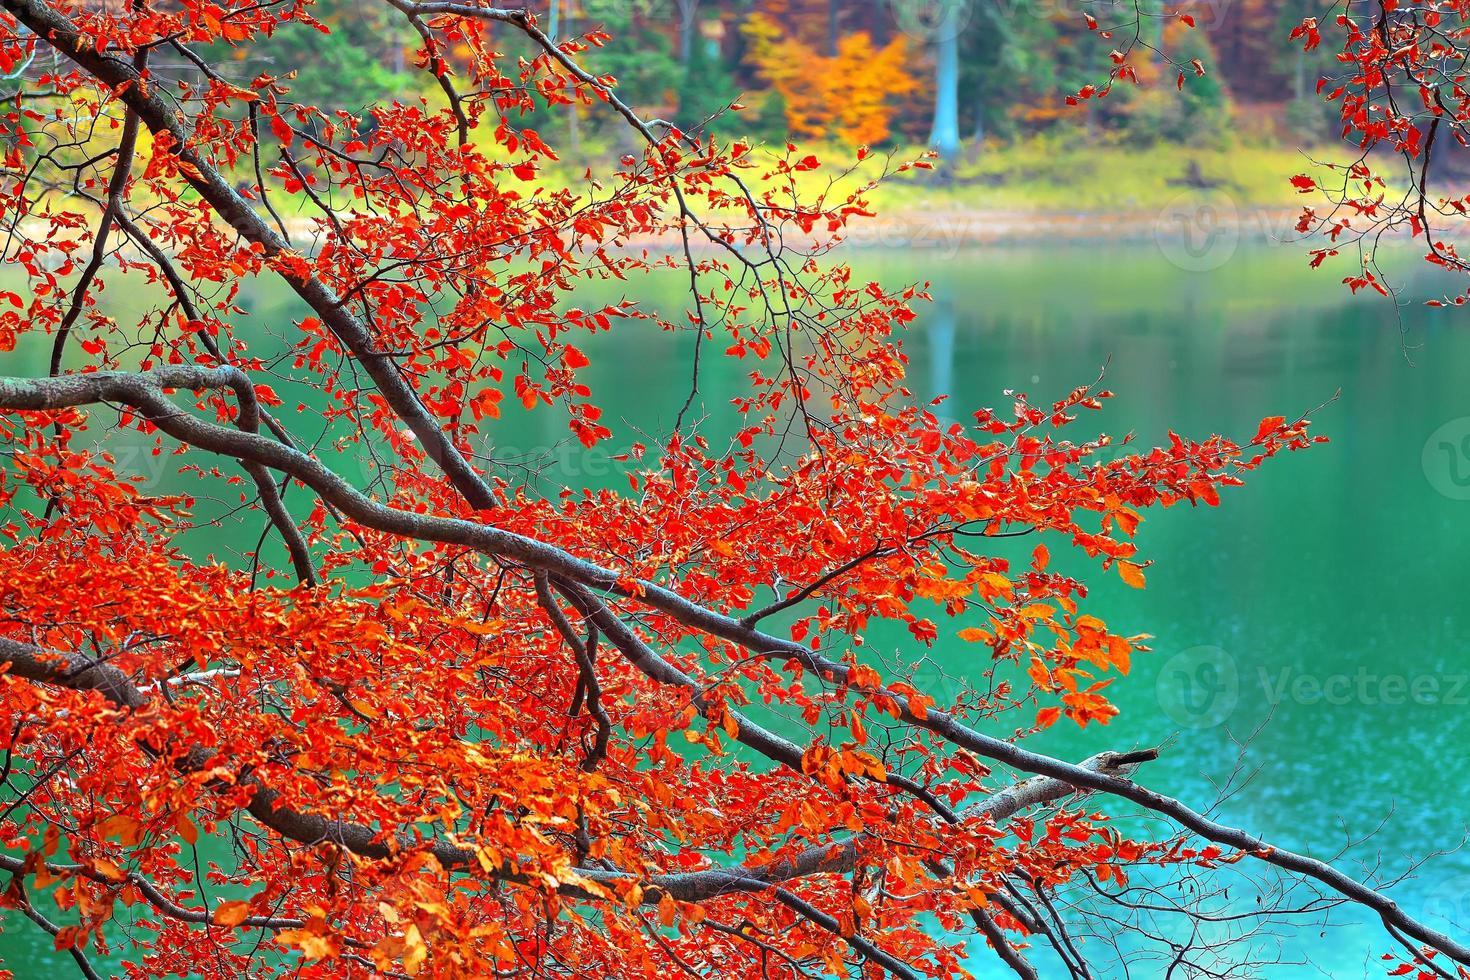 couleur des branches d'arbres en automne photo